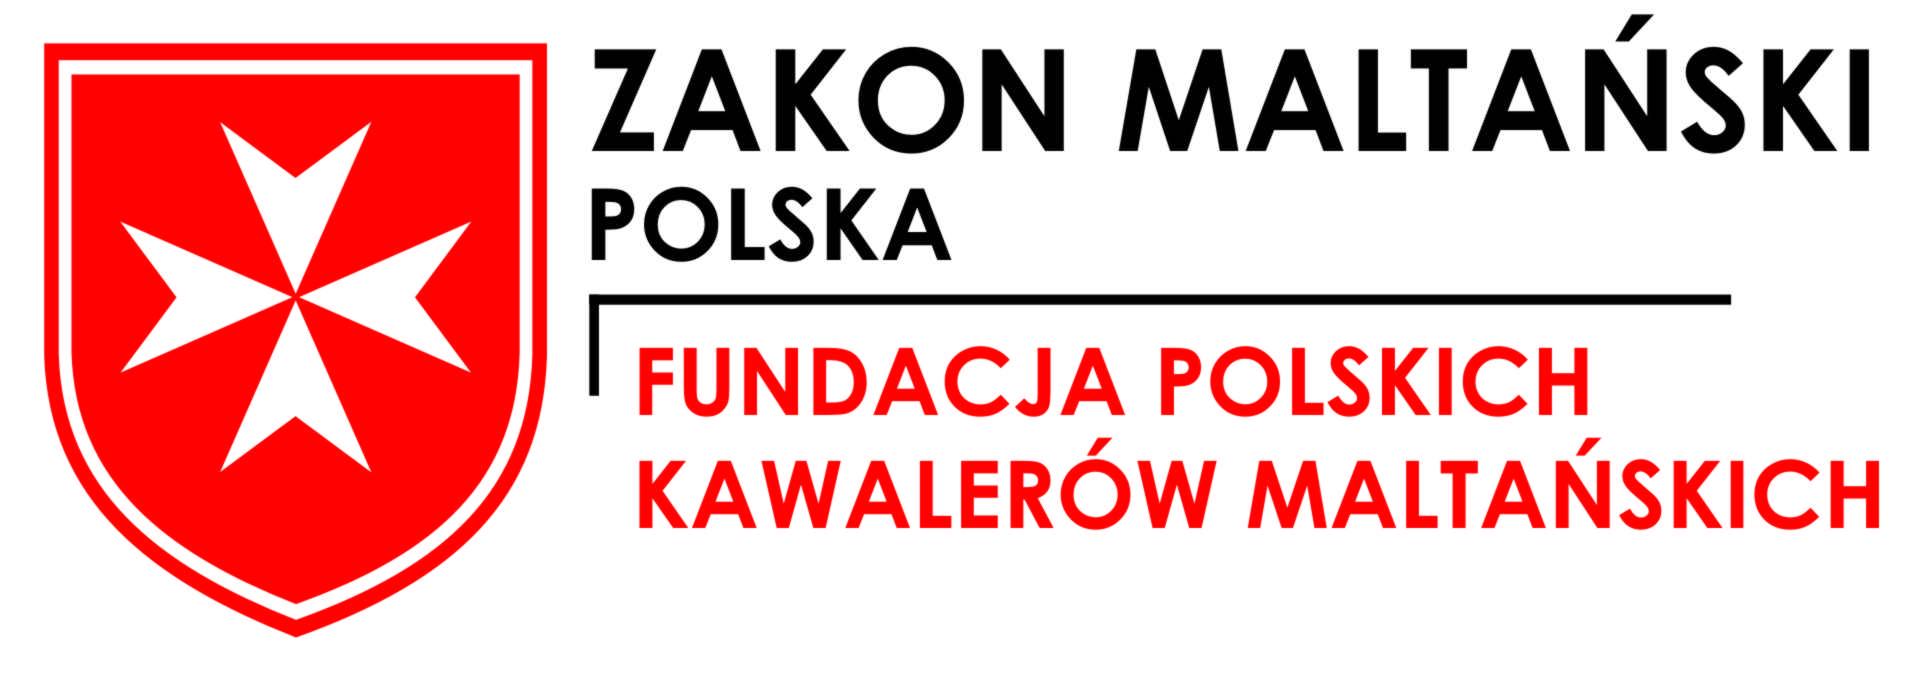 zakon_maltanski